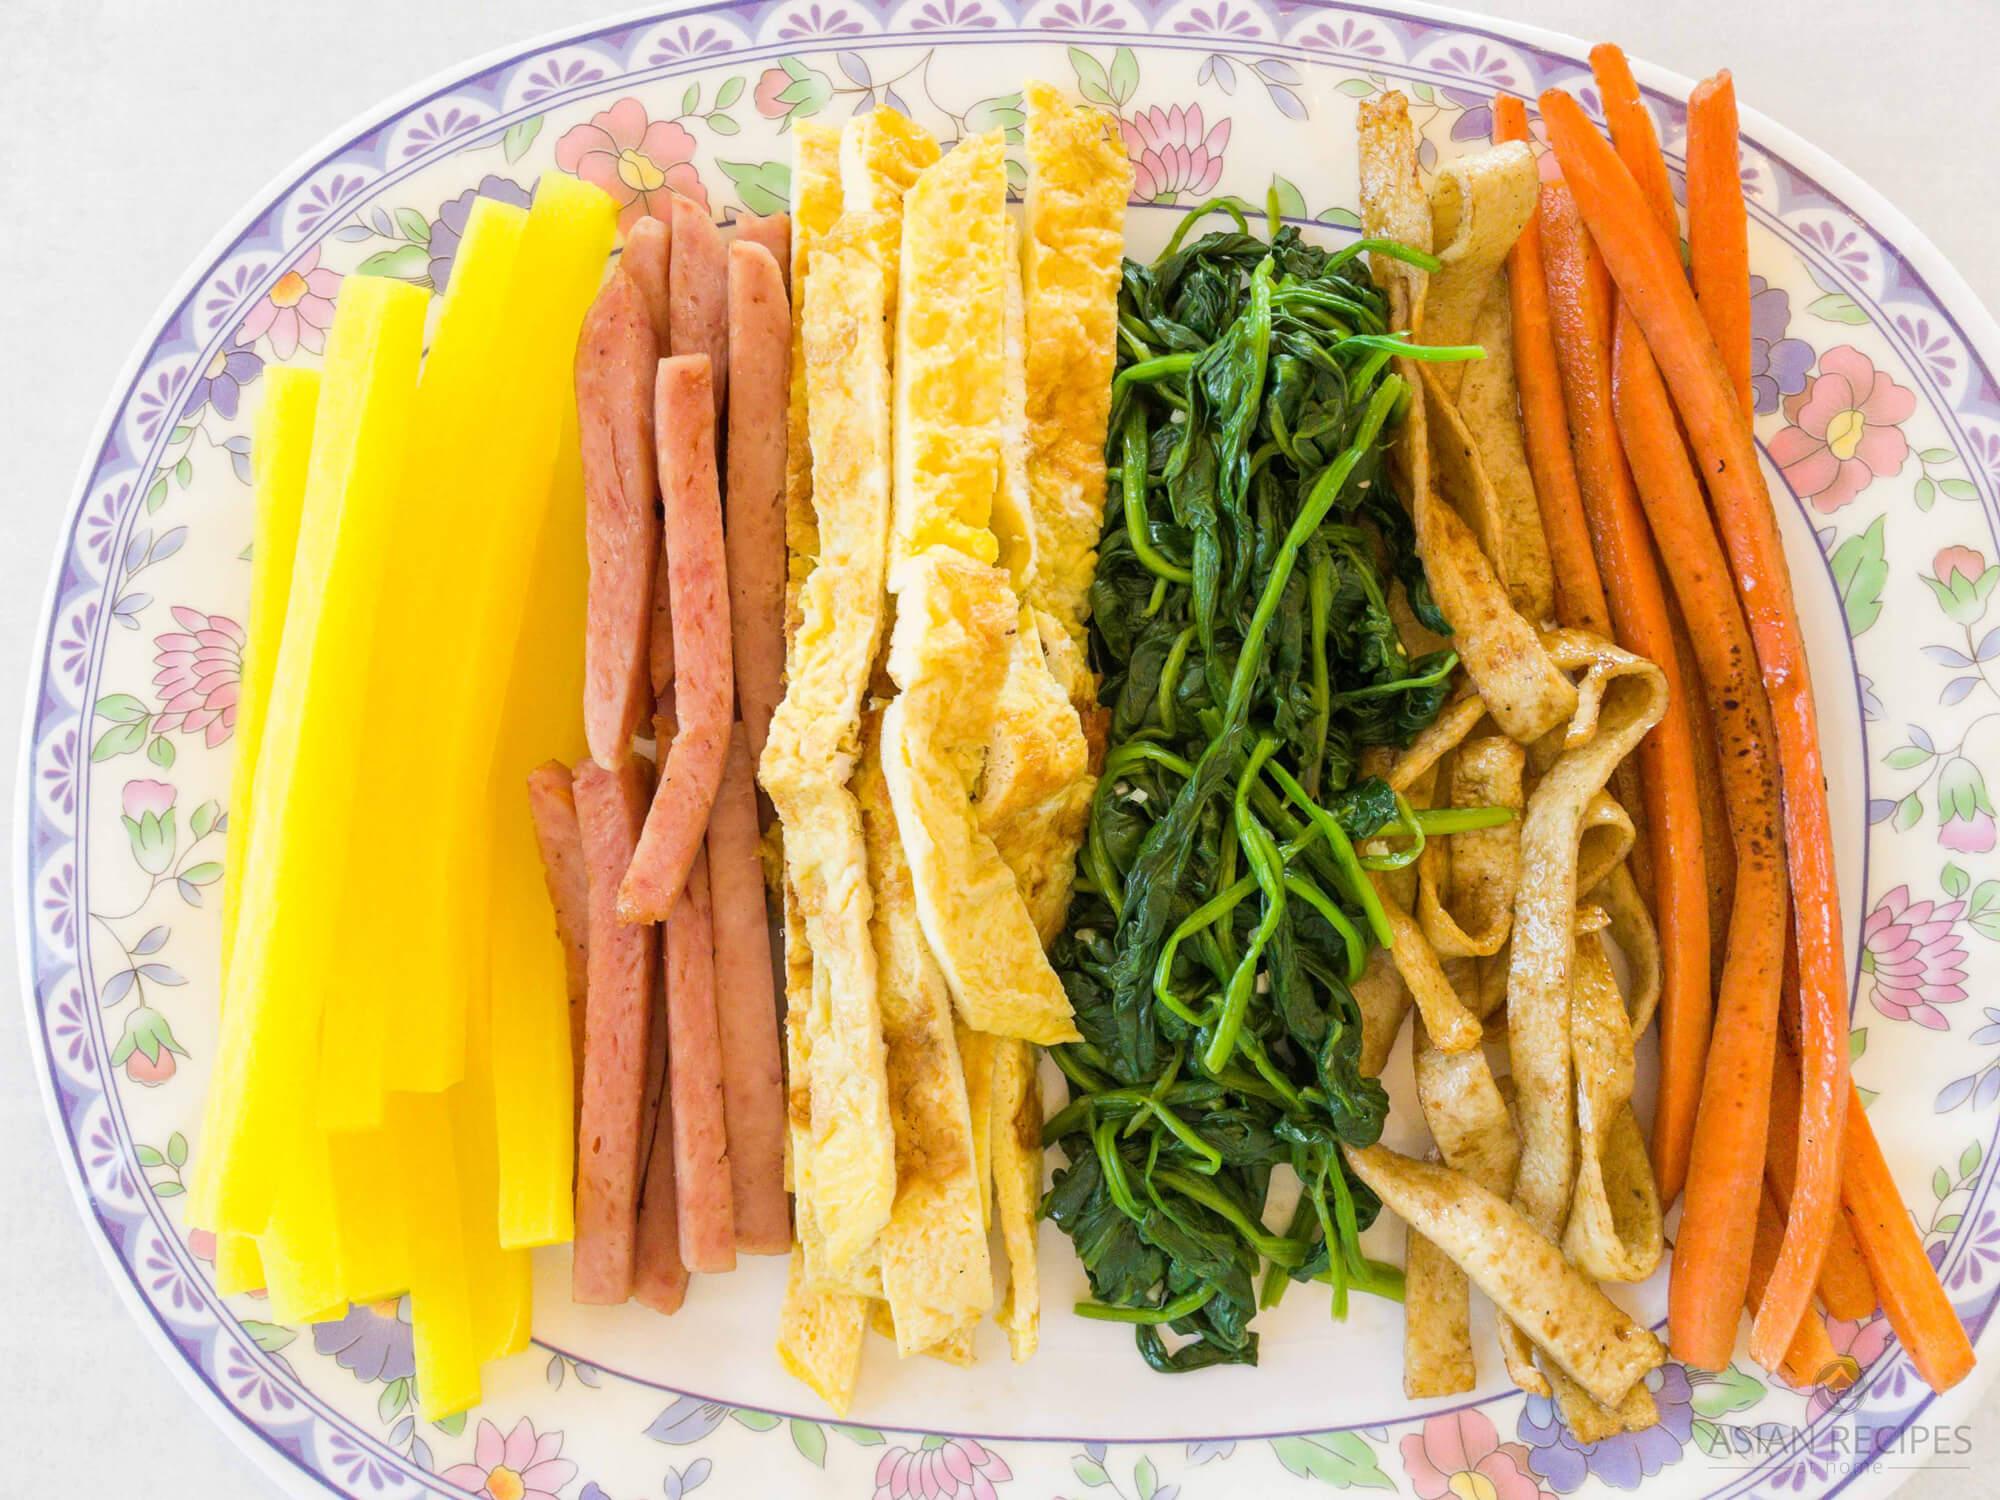 Korean Kimbap fillings prepared